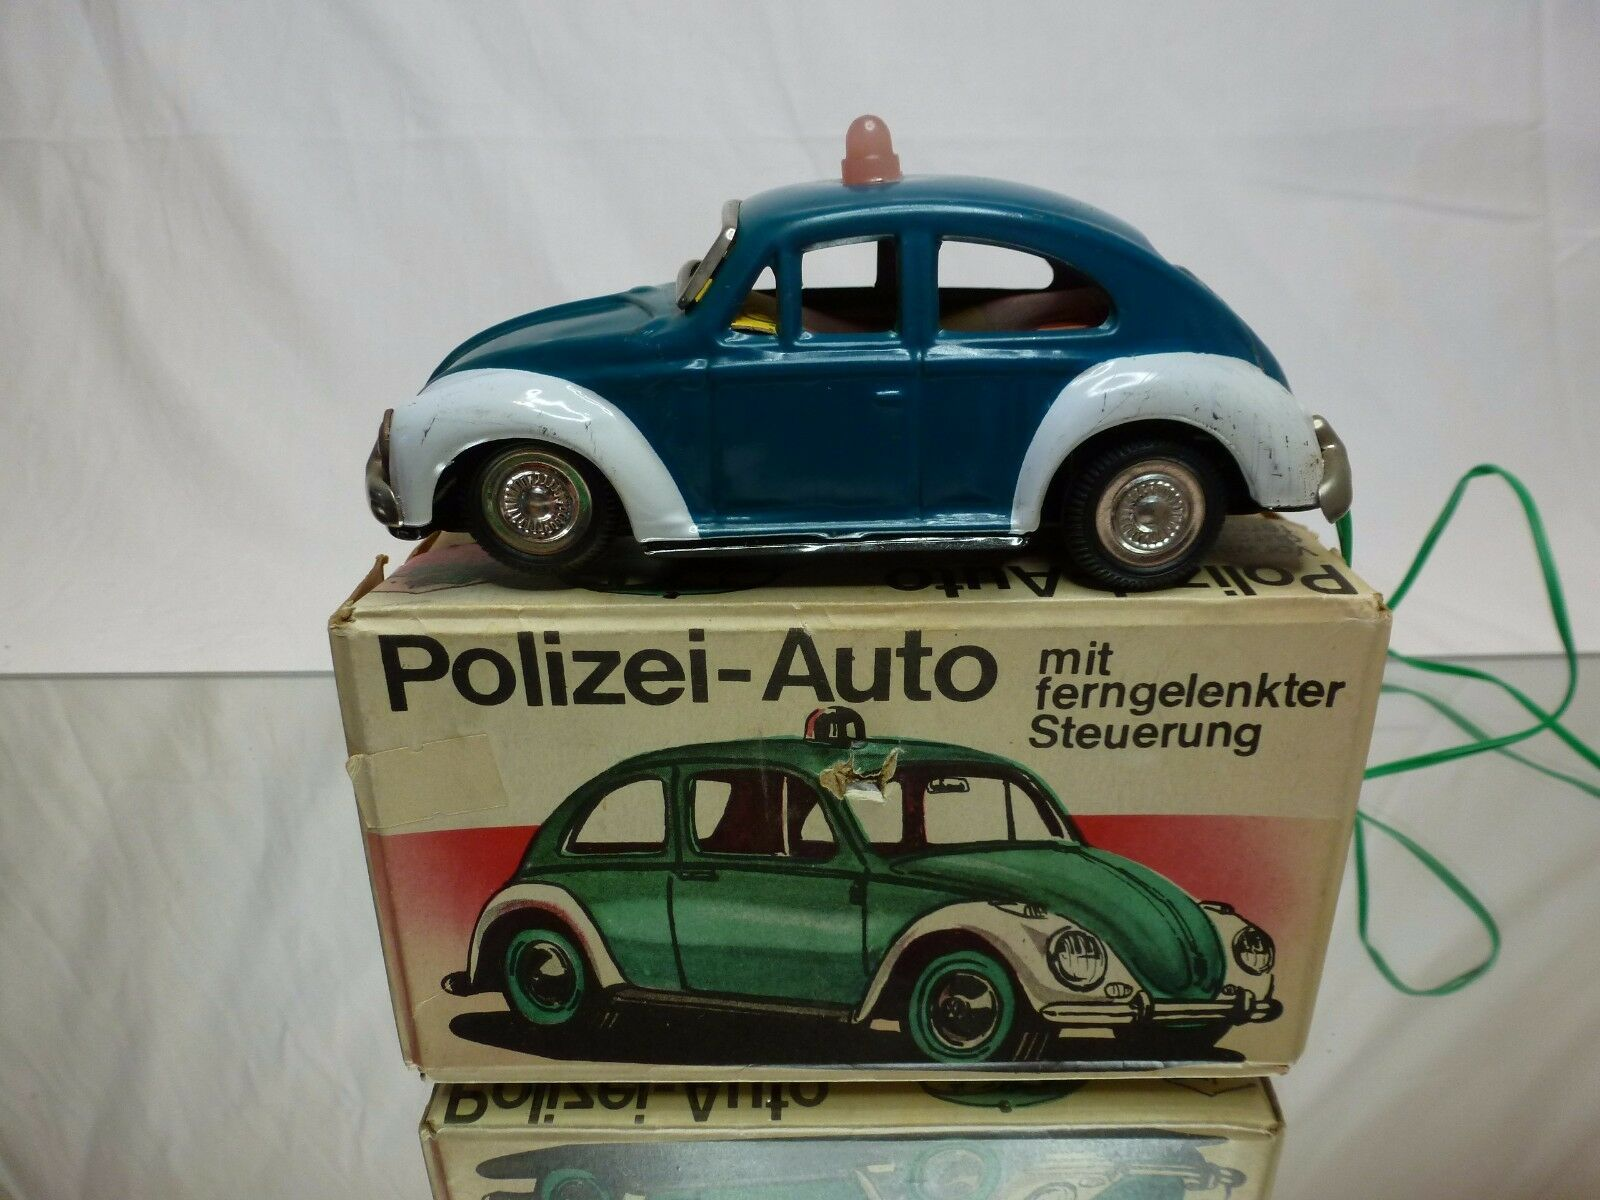 articoli promozionali JAPAN TIN giocattolo BLECH VW VW VW VOLKSWAGEN BEETLE - POLIZEI polizia - RC - GOOD IN scatola  ordina ora con grande sconto e consegna gratuita